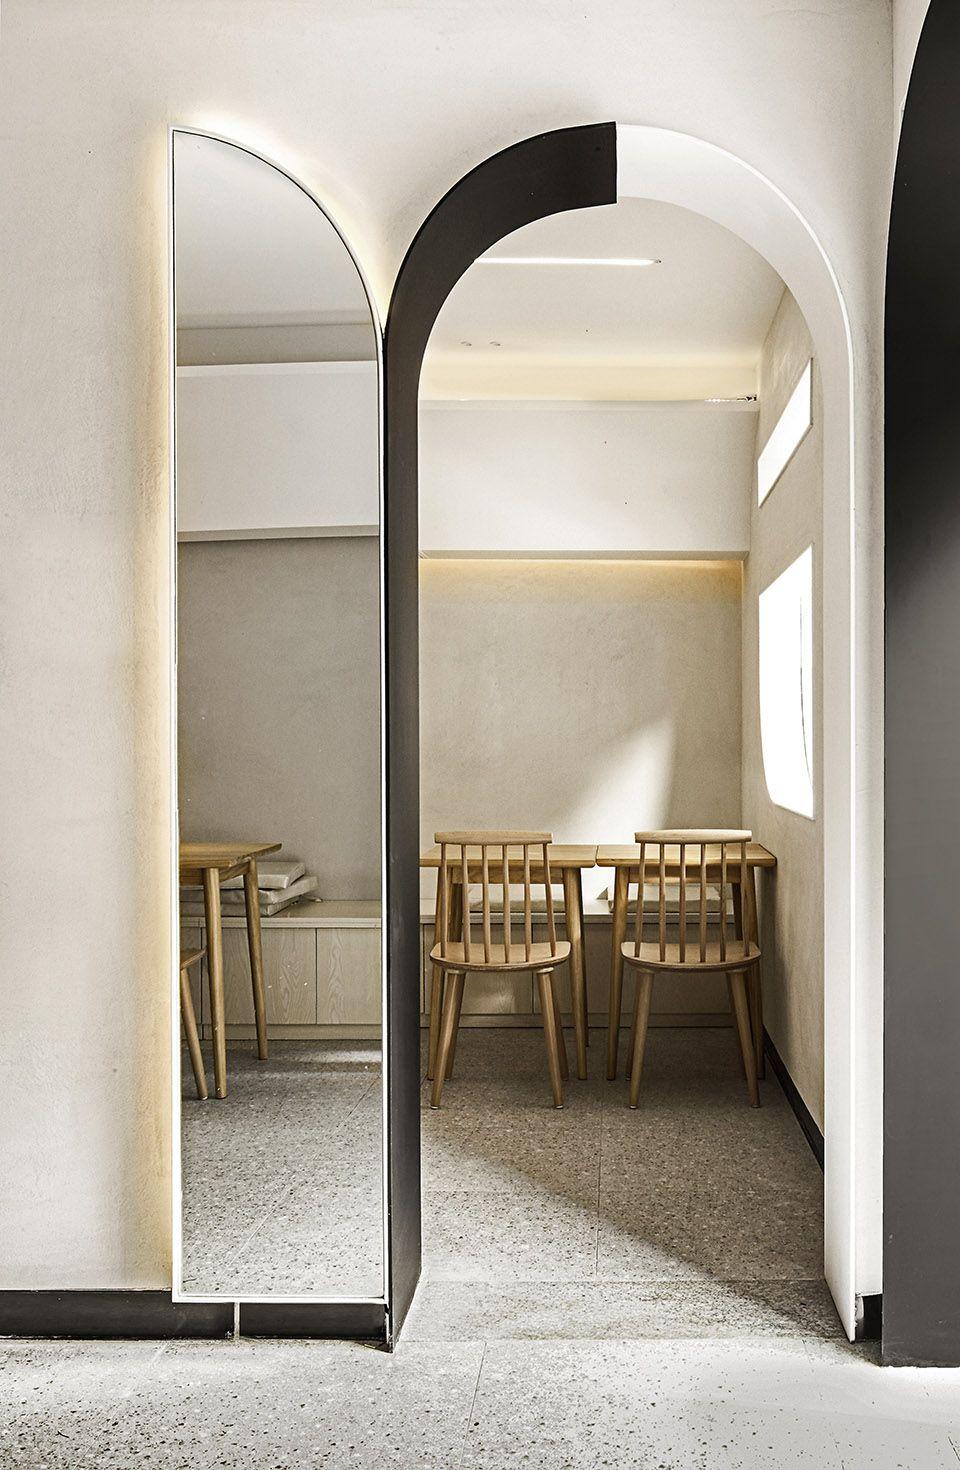 新与旧的交织,潮流与世俗的碰撞-南京半园 | 素内室内设计